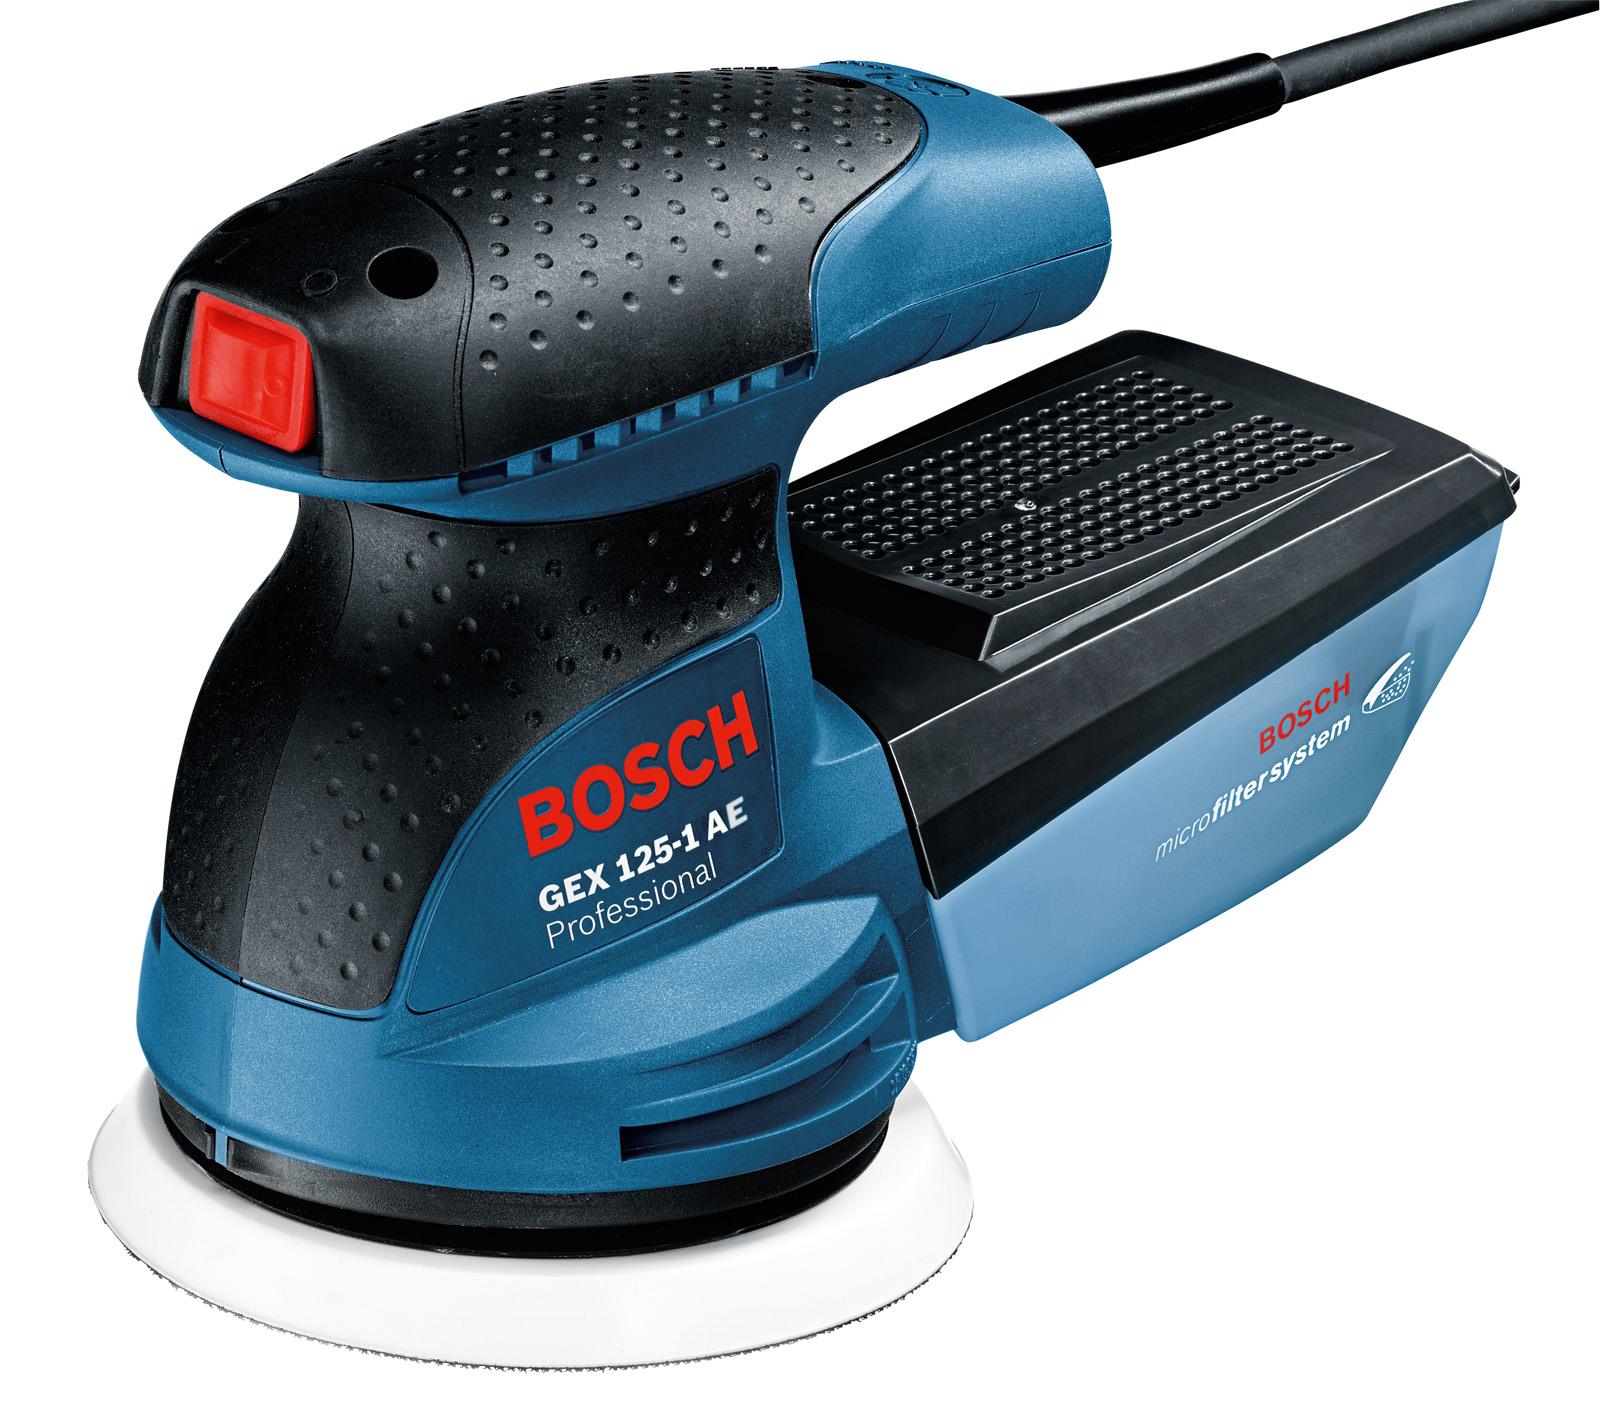 Купить Орбитальная (эксцентриковая) шлифмашина Bosch Gex 125-1 ae (0.601.387.500), Германия